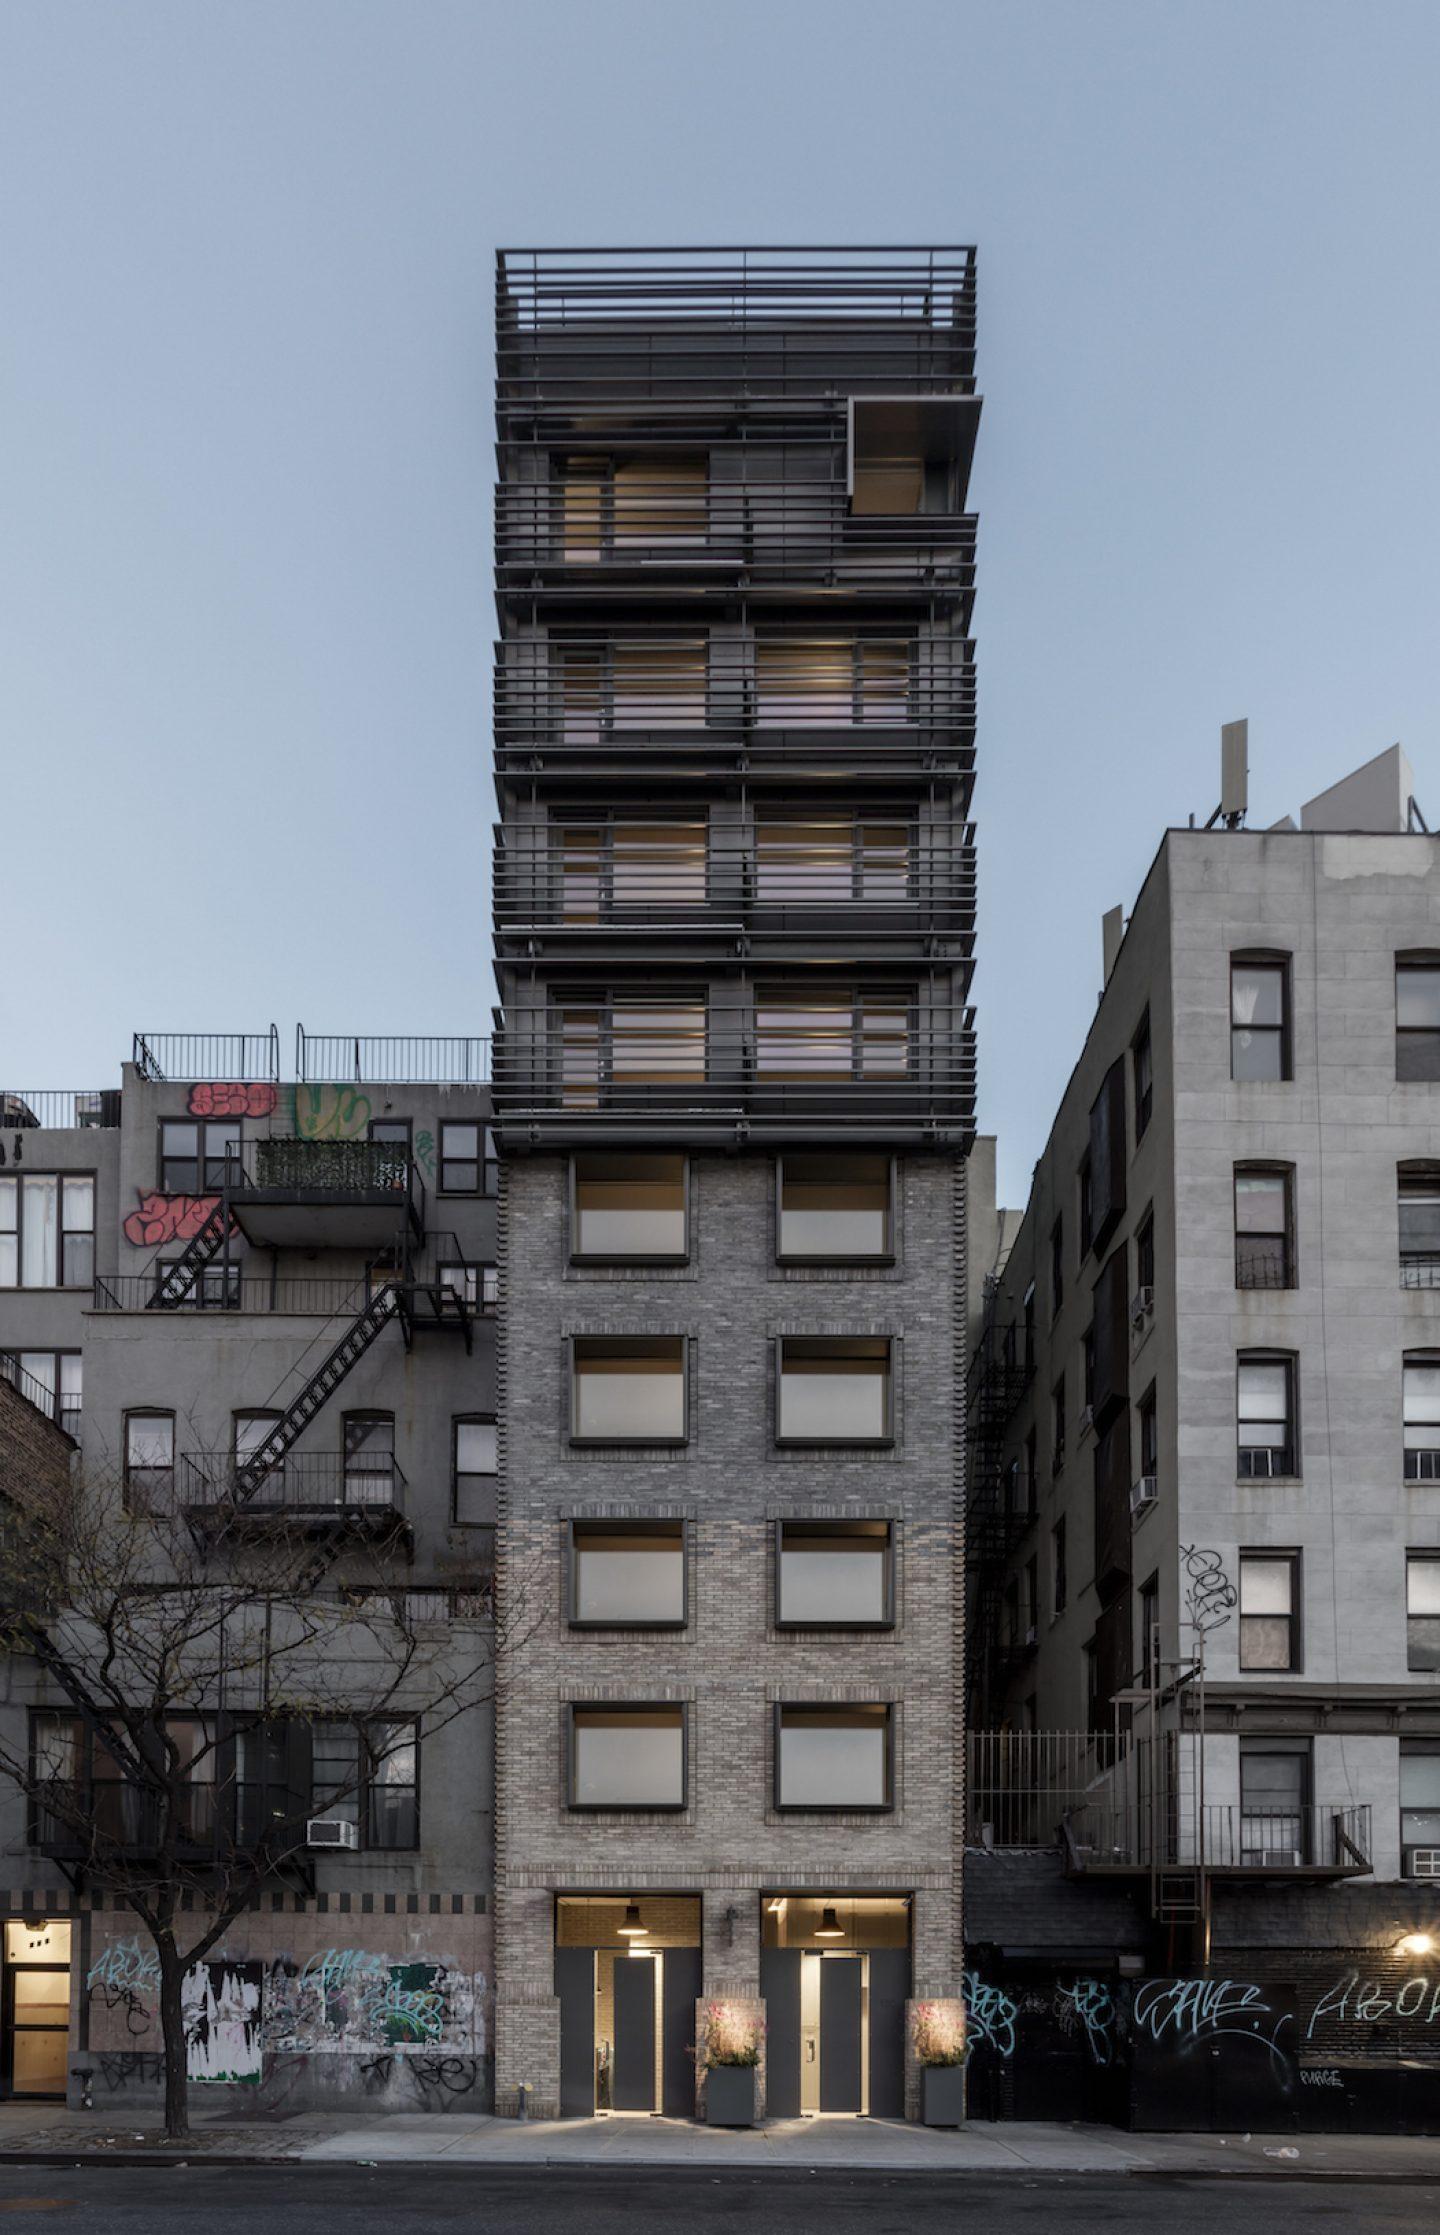 Grzywinski+Pons_architecture - External - 01